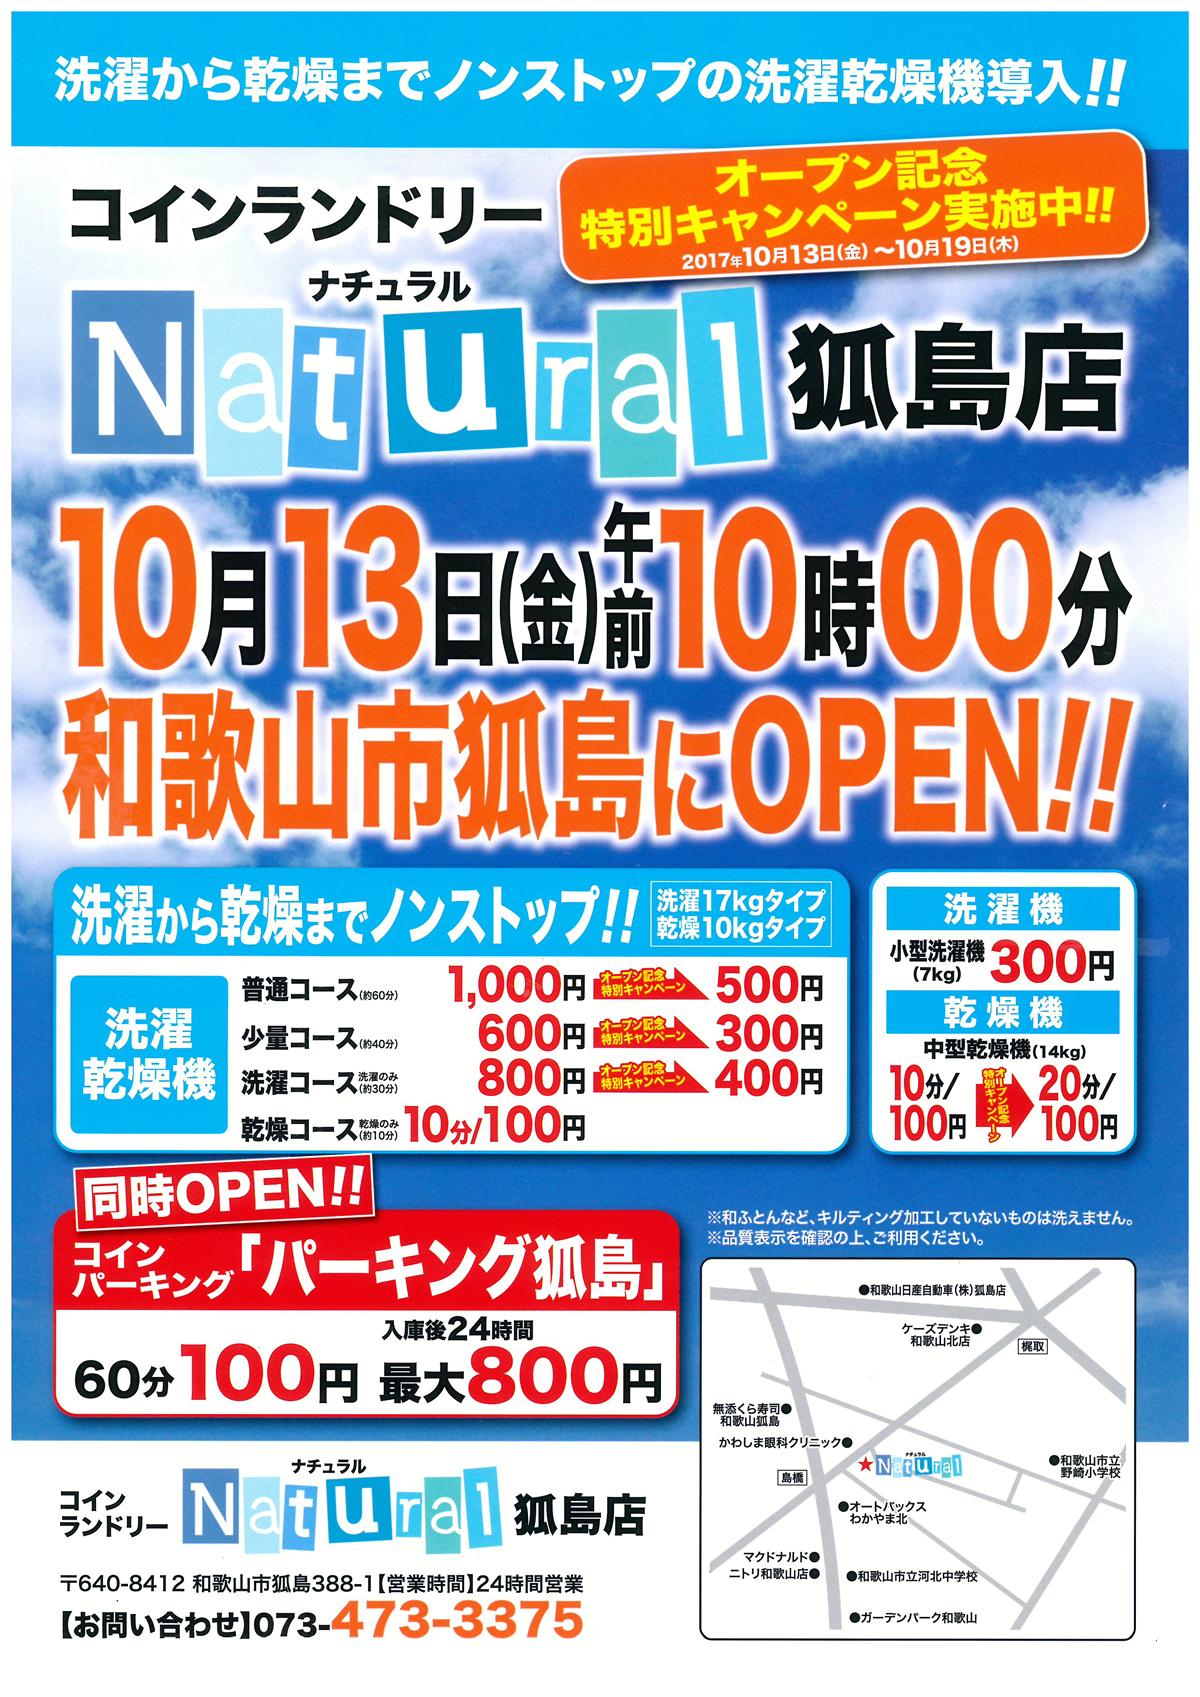 コインランドリーNatural狐島店オープン記念、キャンペーン実施中!